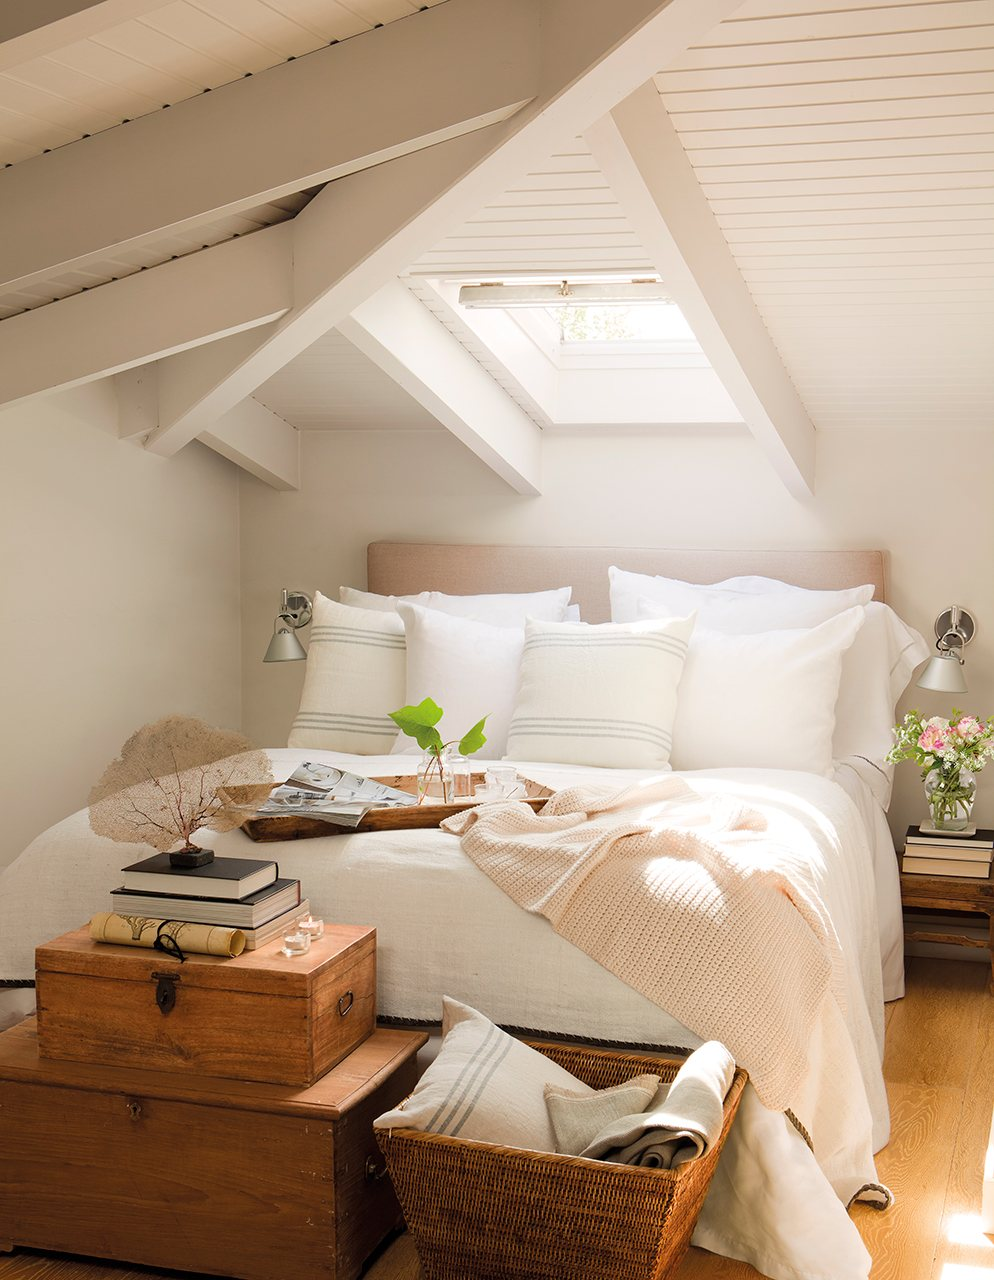 dormitorio_con_techo_abuhardillado_blanco_y_ventana_cenital_994x1280